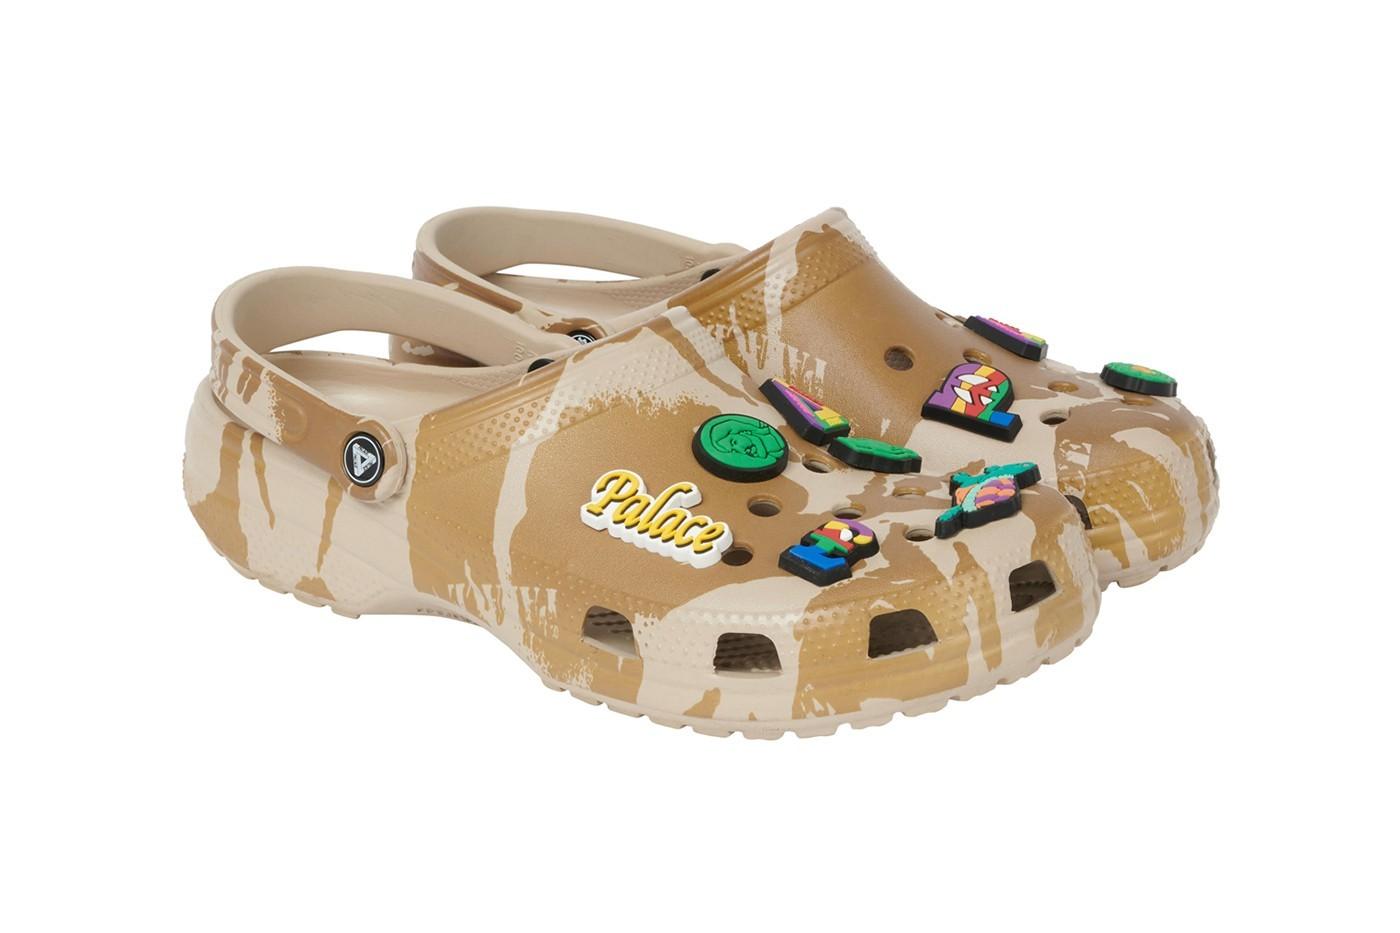 PALACE,Crocs  「沙漠迷彩」够街头!PALACE 联名新鞋曝光,辨识度超高!